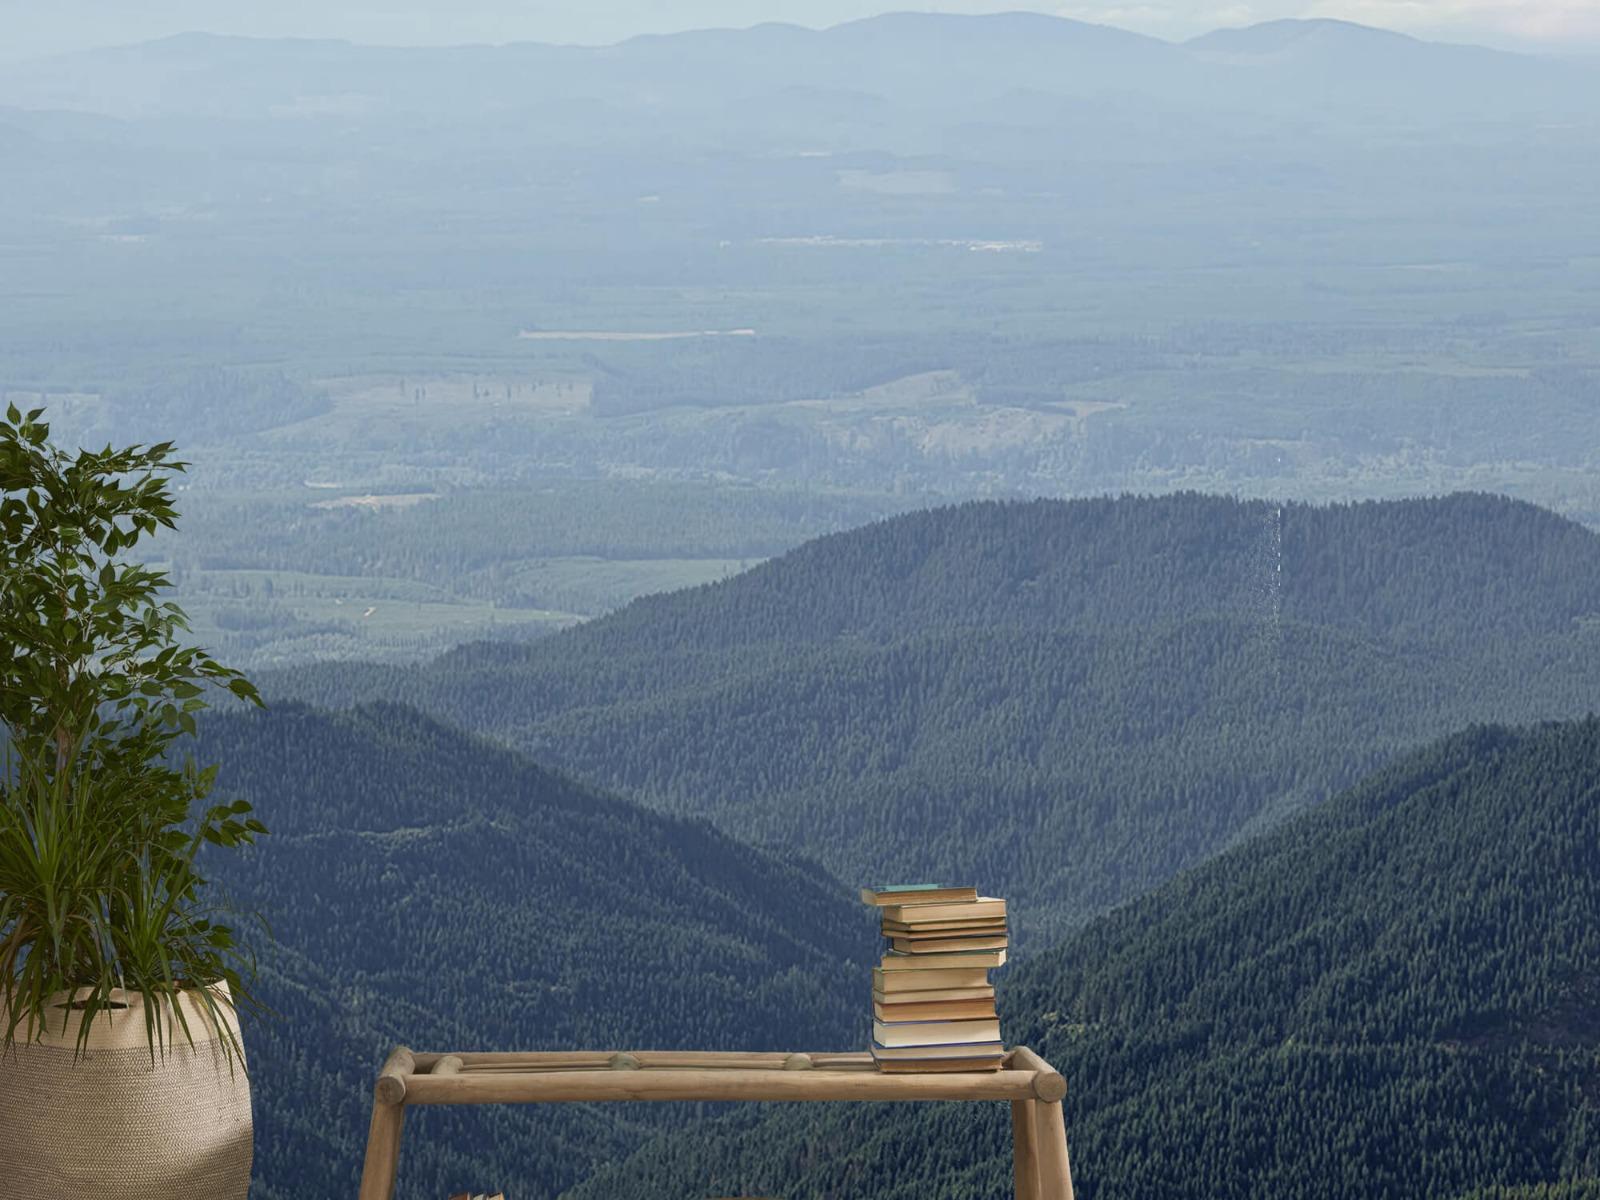 Bergen - Uitzicht vanuit de bergen - Woonkamer 20